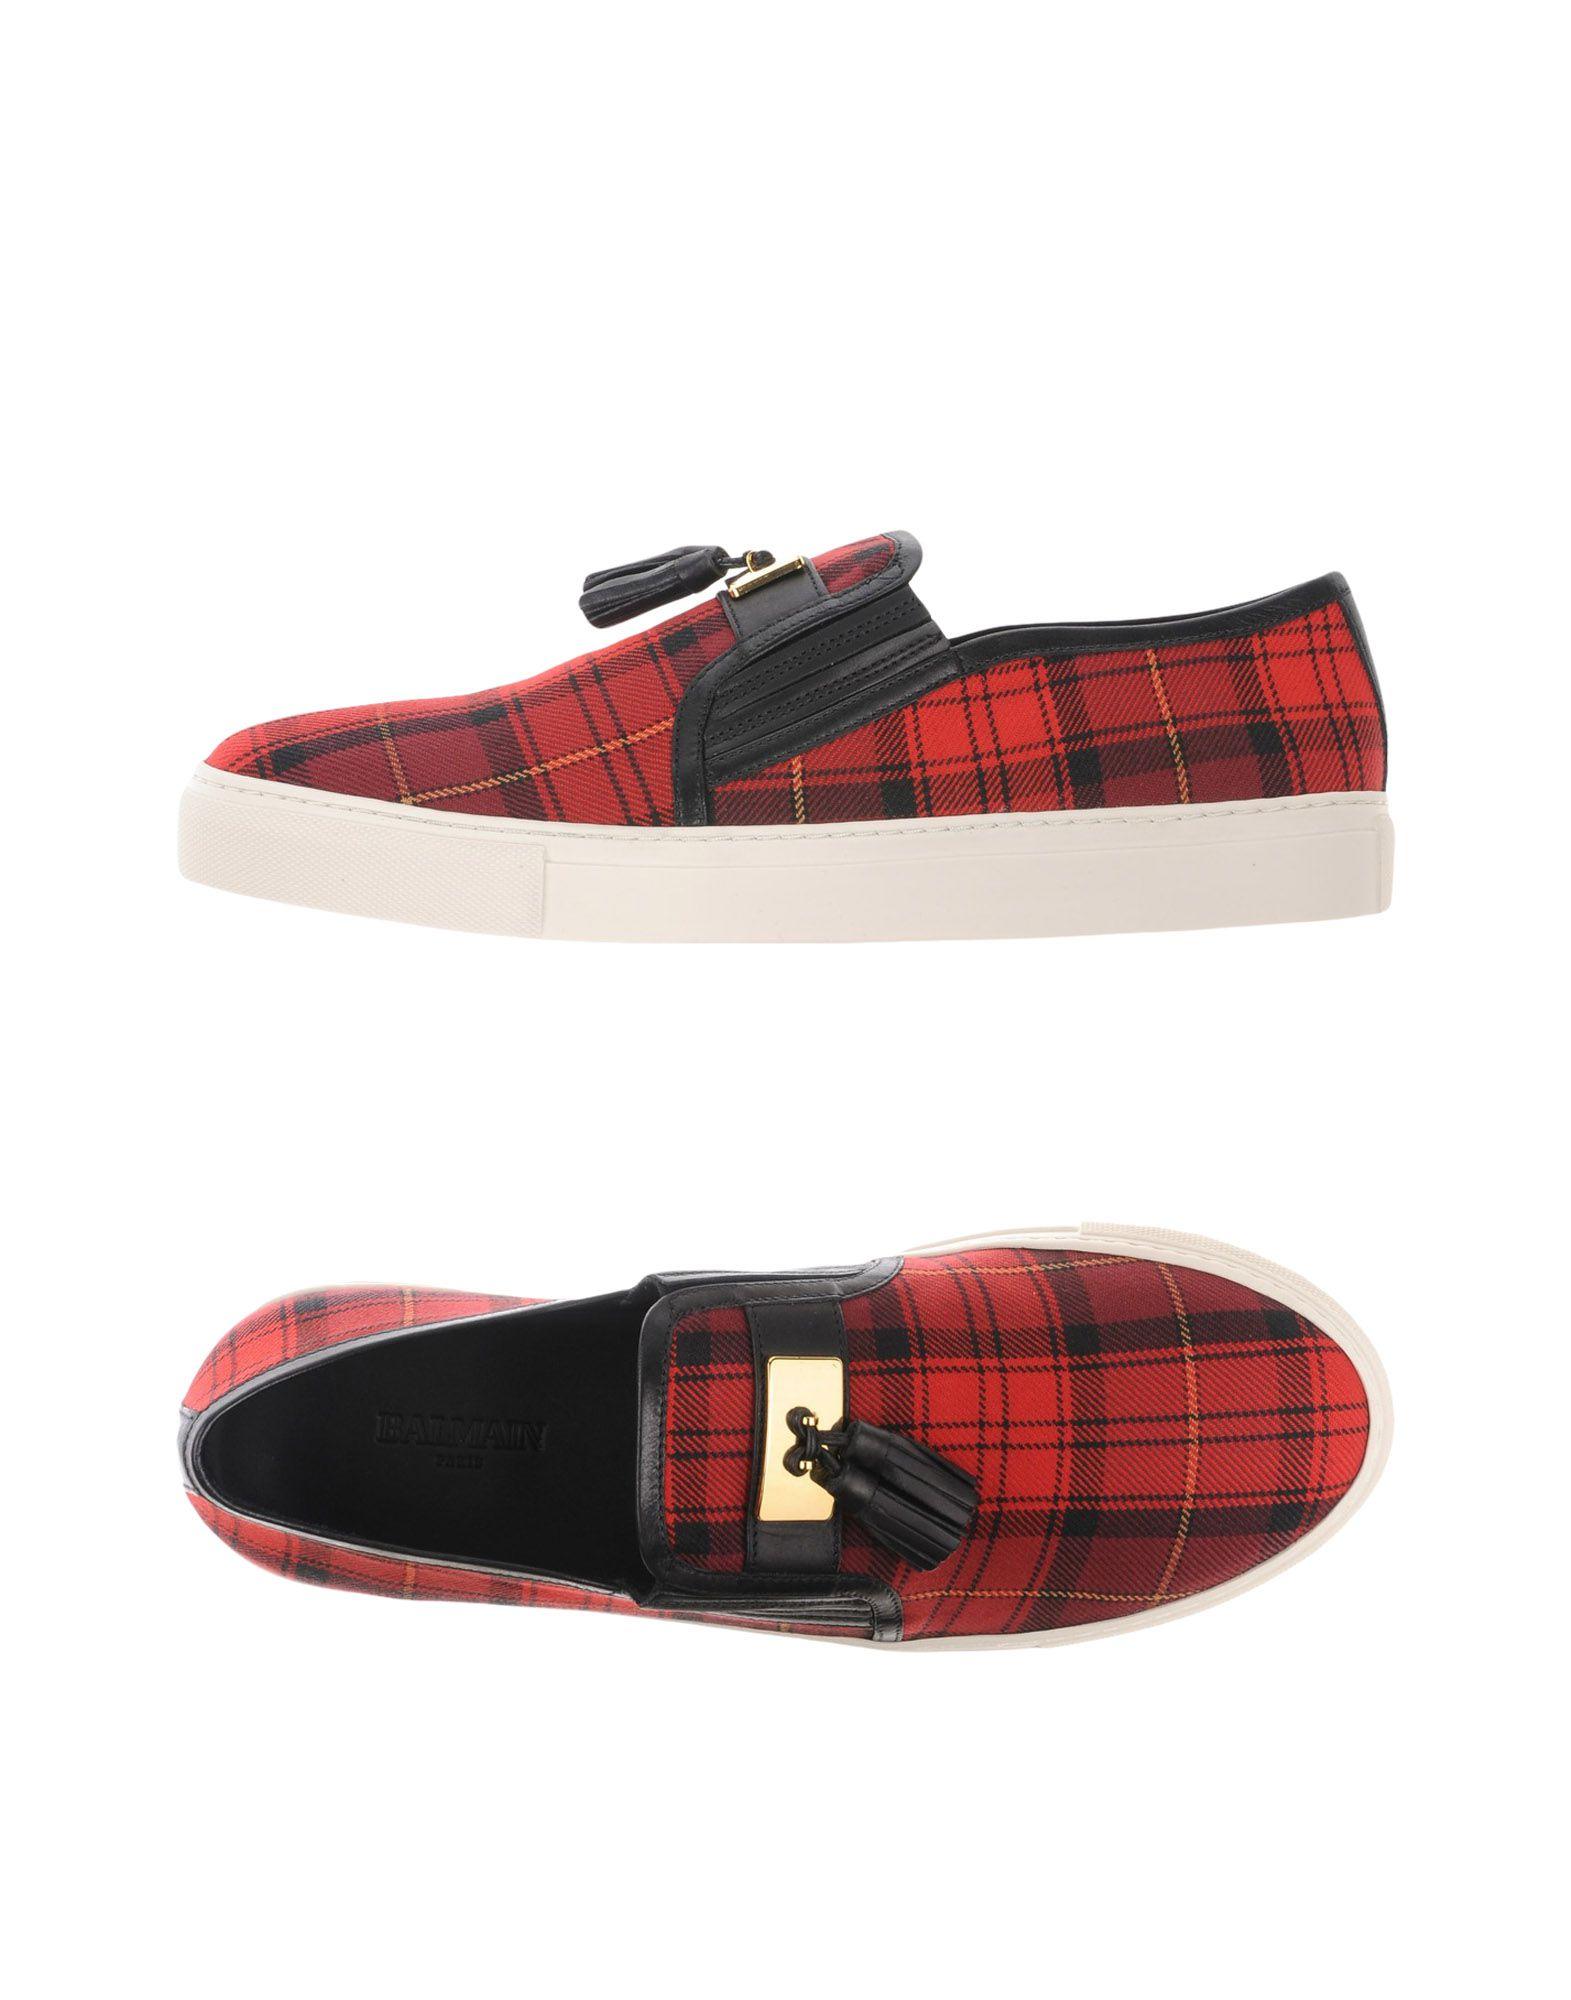 Balmain Sneakers Herren  11254086NW Gute Qualität beliebte Schuhe